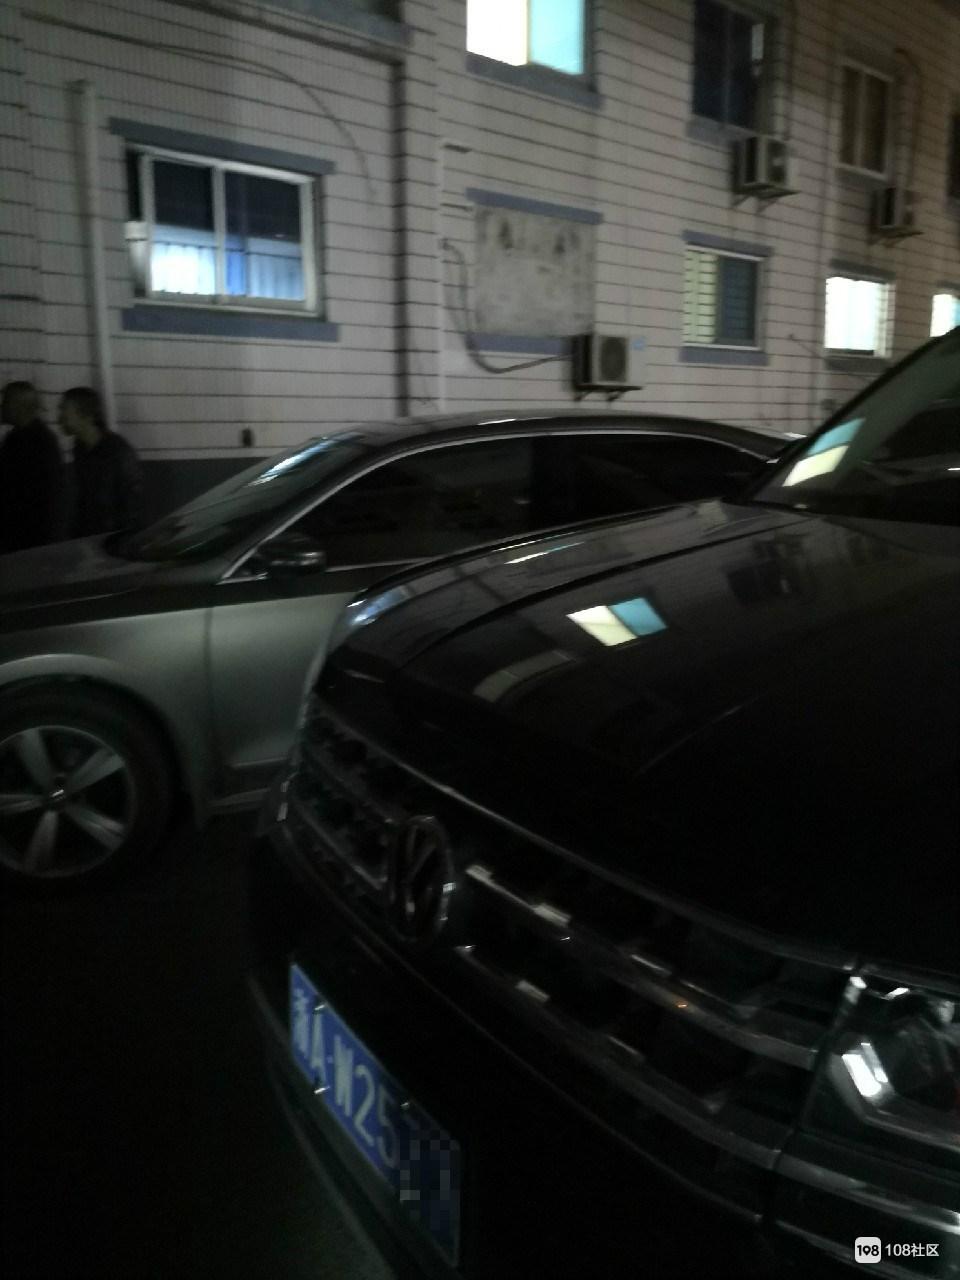 兴康南路众人聚集围观,有人被罚款并当众道歉!只因没停对车